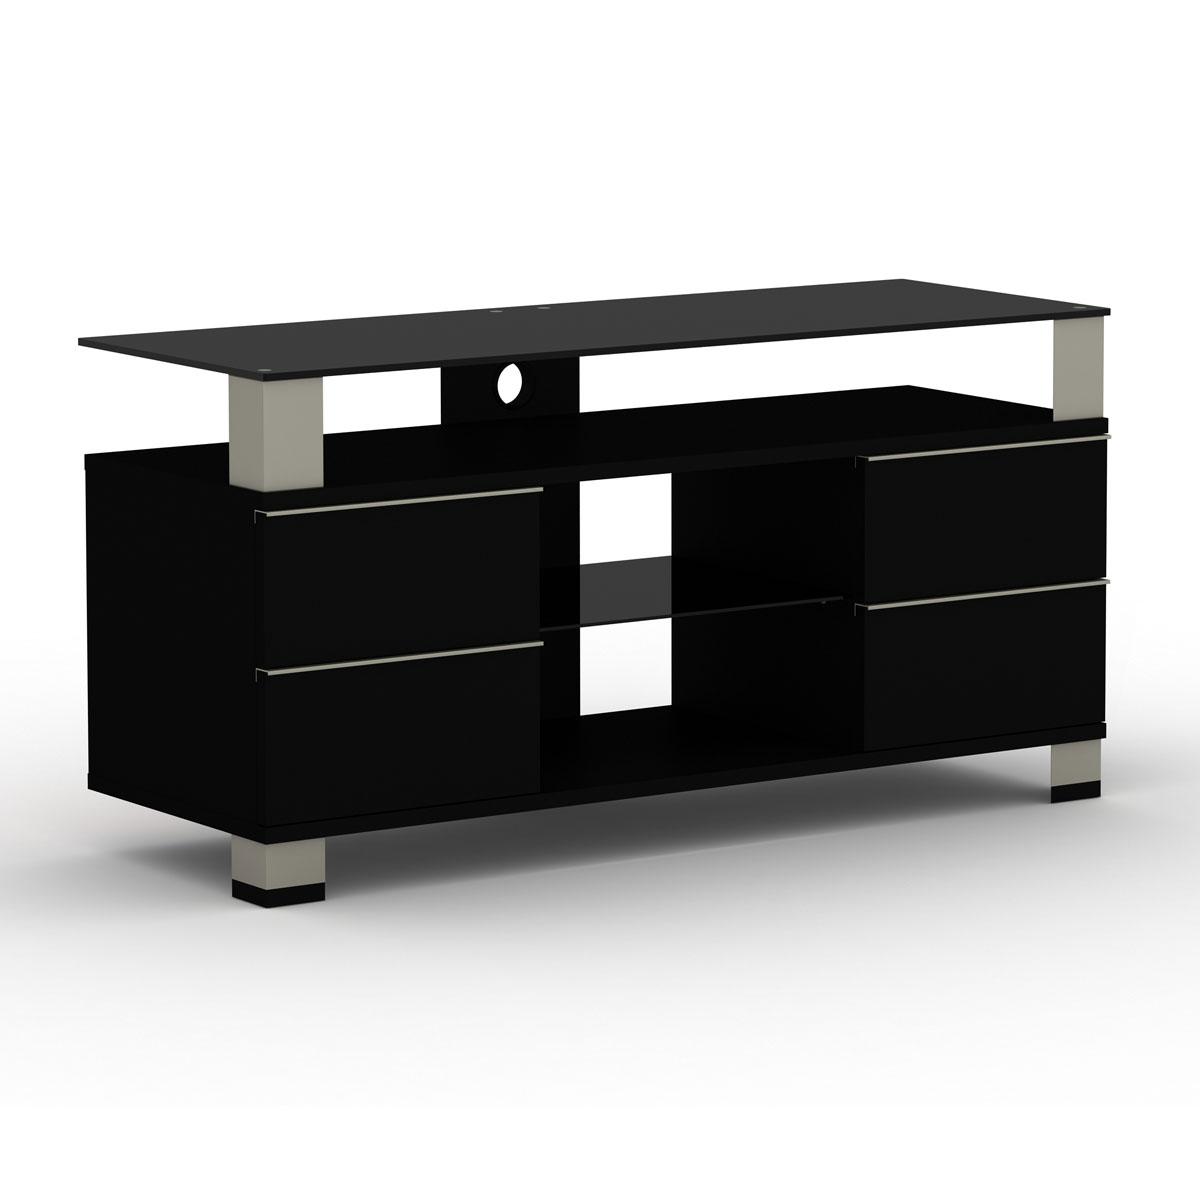 Elmob pone pn 120 02 noir meuble tv elmob sur ldlc - Meuble pour ecran plat ...